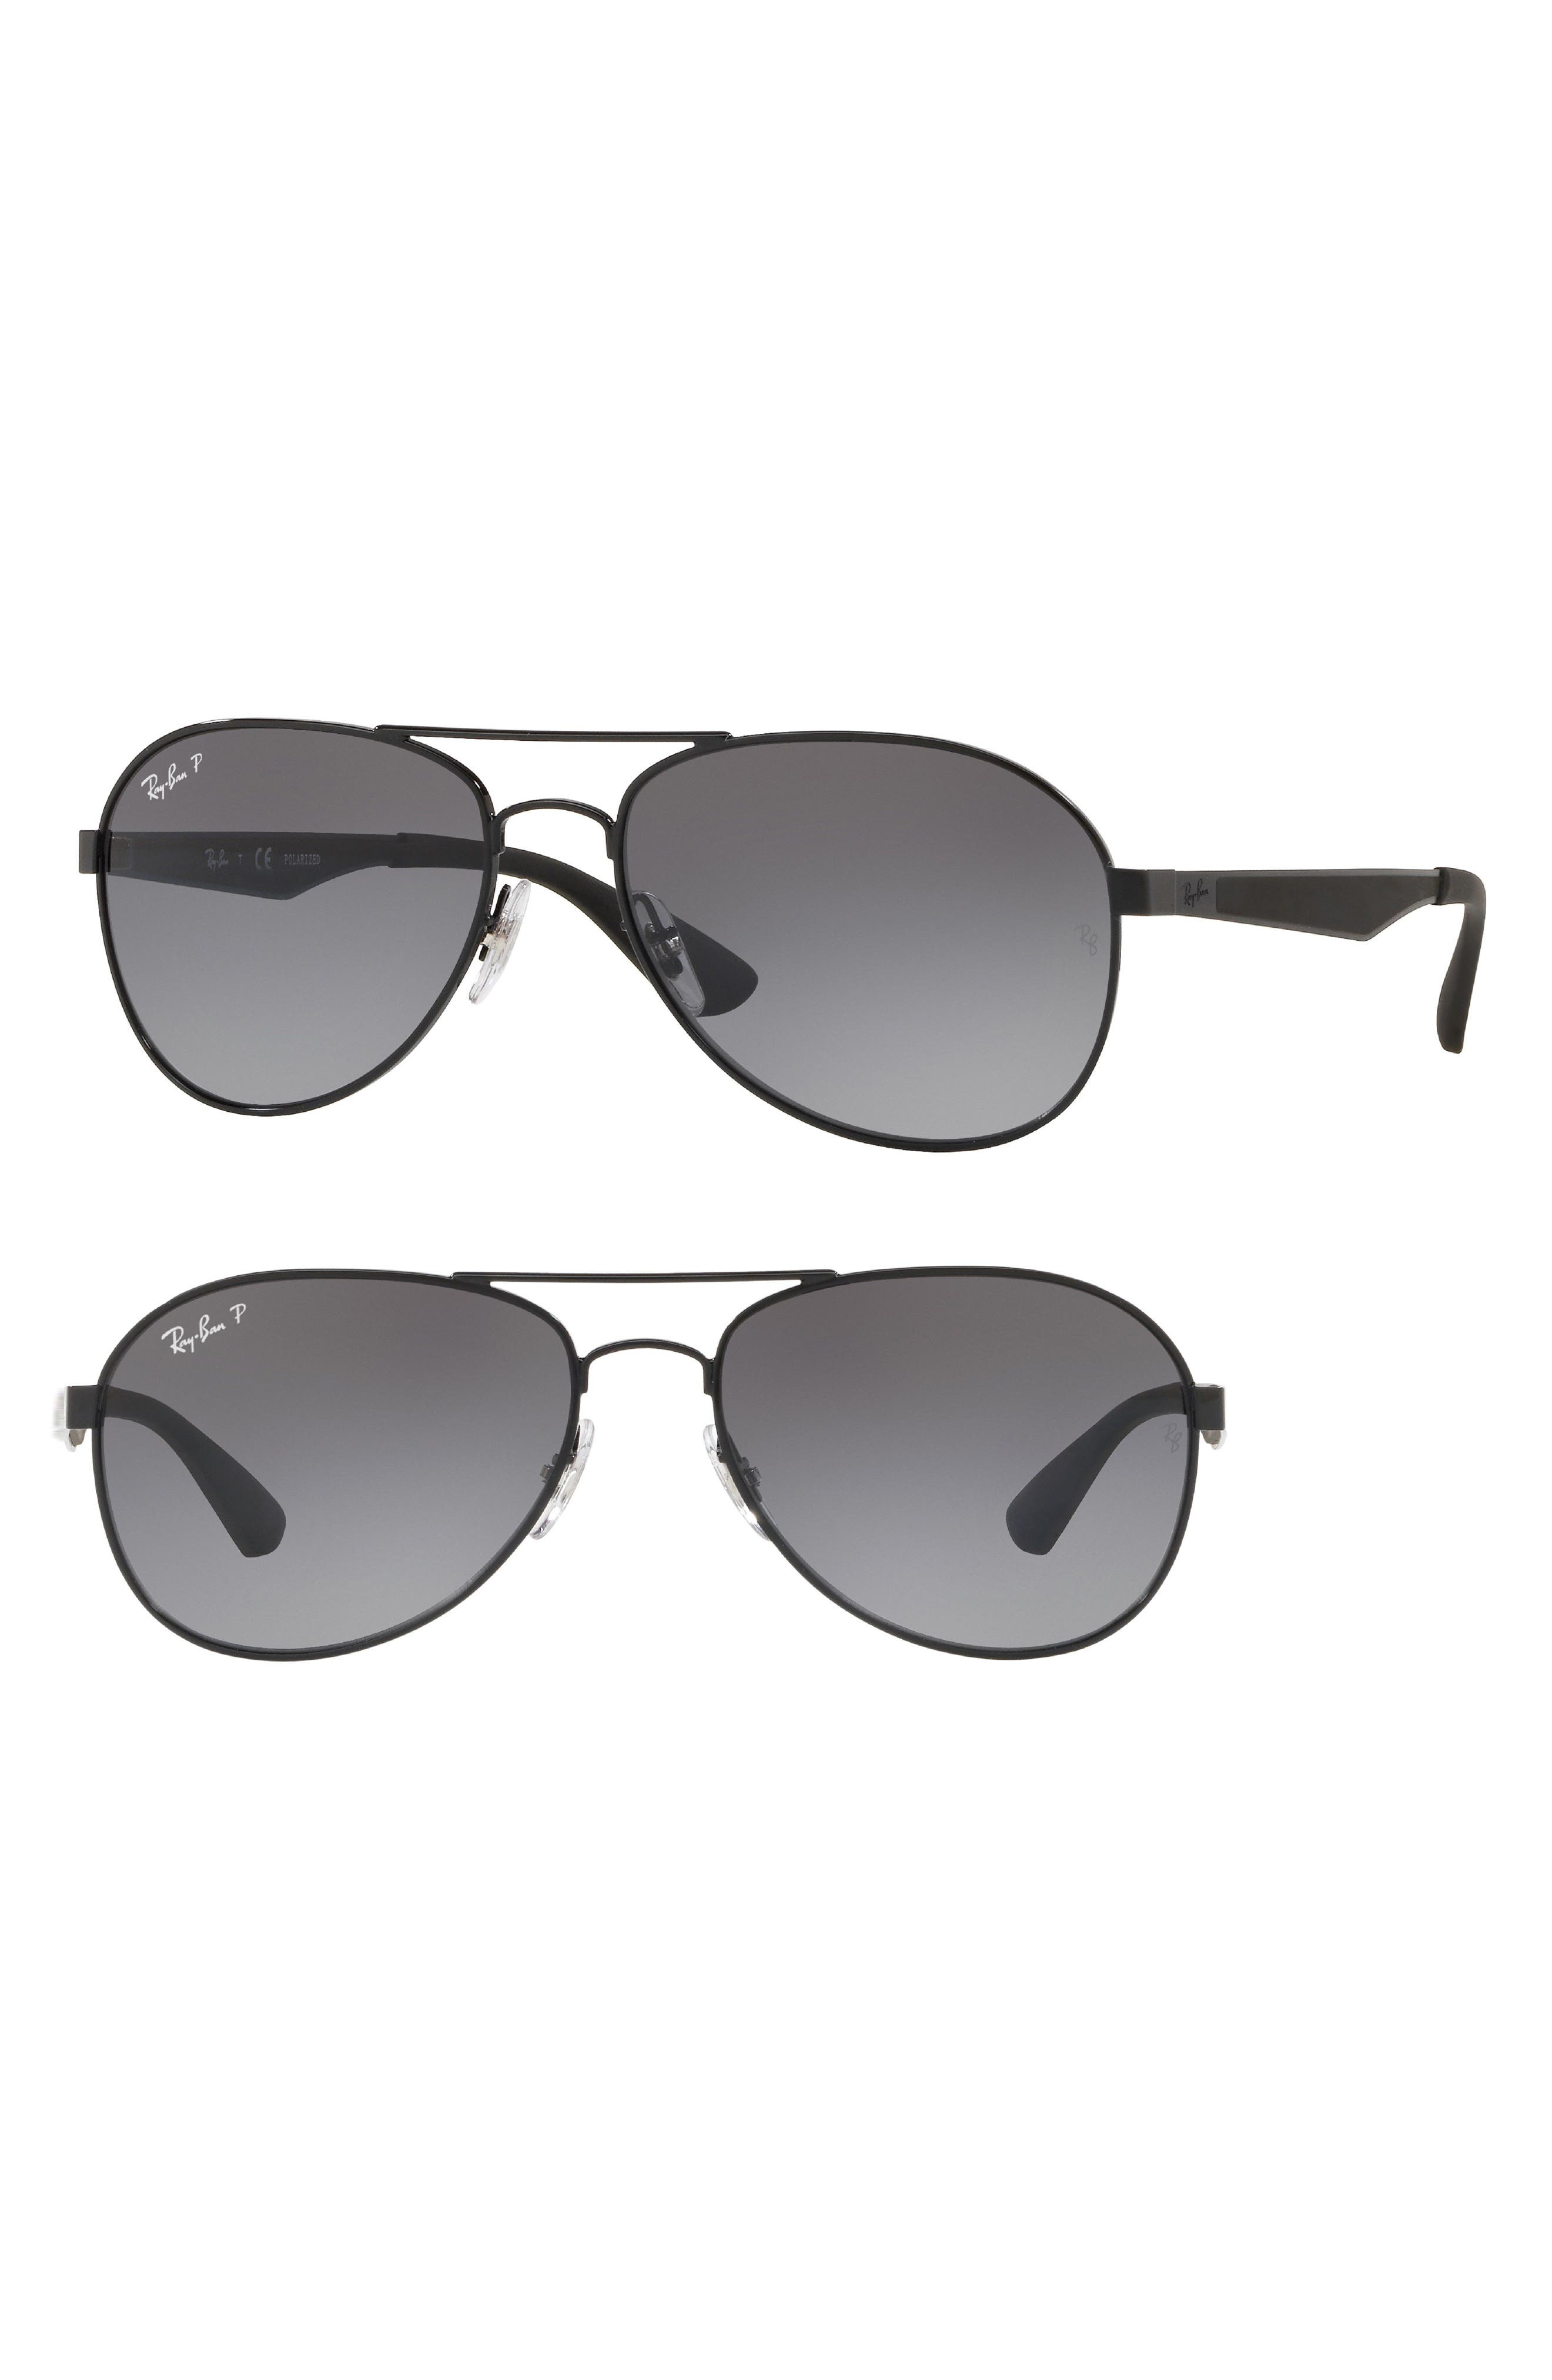 Active Lifestyle 61mm Polarized Pilot Sunglasses,                         Main,                         color, Black